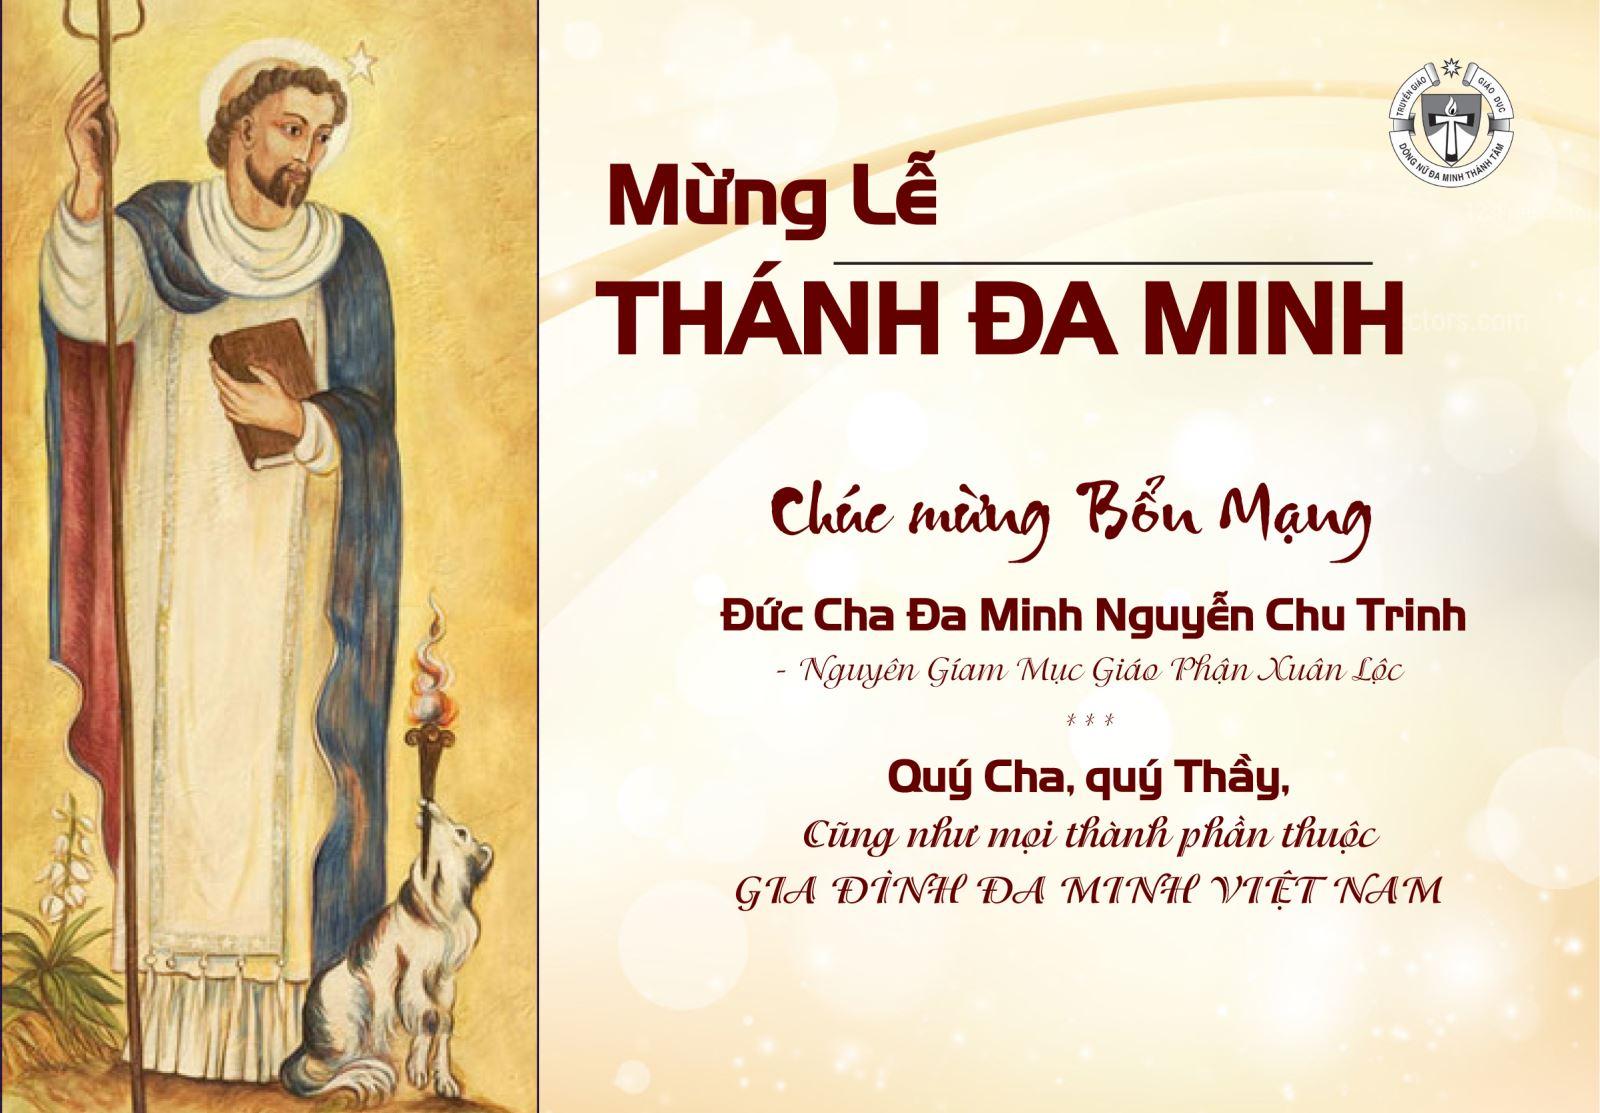 MỪNG LỄ THÁNH ĐA MINH- Hội Dòng Mừng Bổn Mạng Đức Cha Đa Minh và mọi người